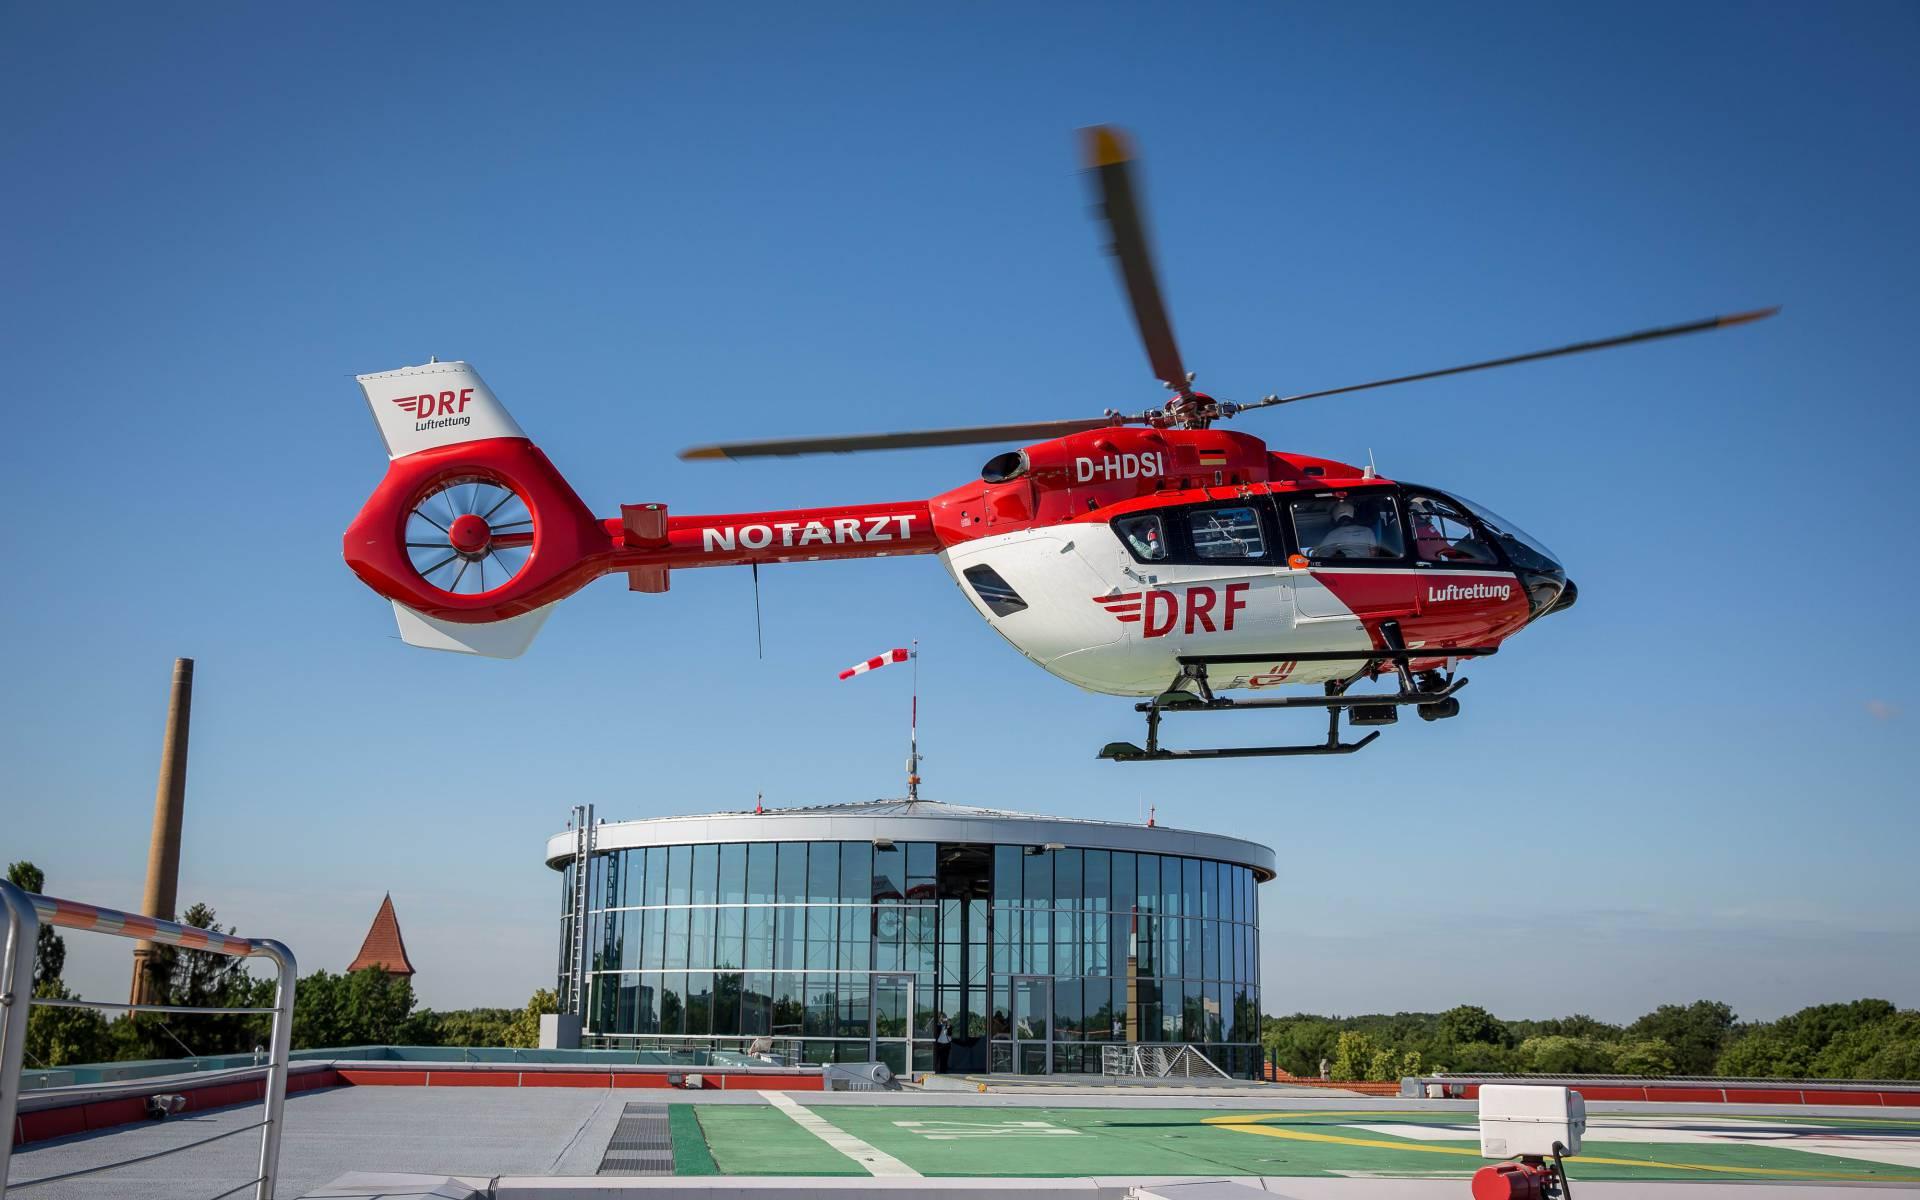 Der modernste Hubschraubertyp H 145 wurde heute an der Berliner Station der DRF Luftrettung in Betrieb genommen. Bildquelle: Michael Hübner / ukb